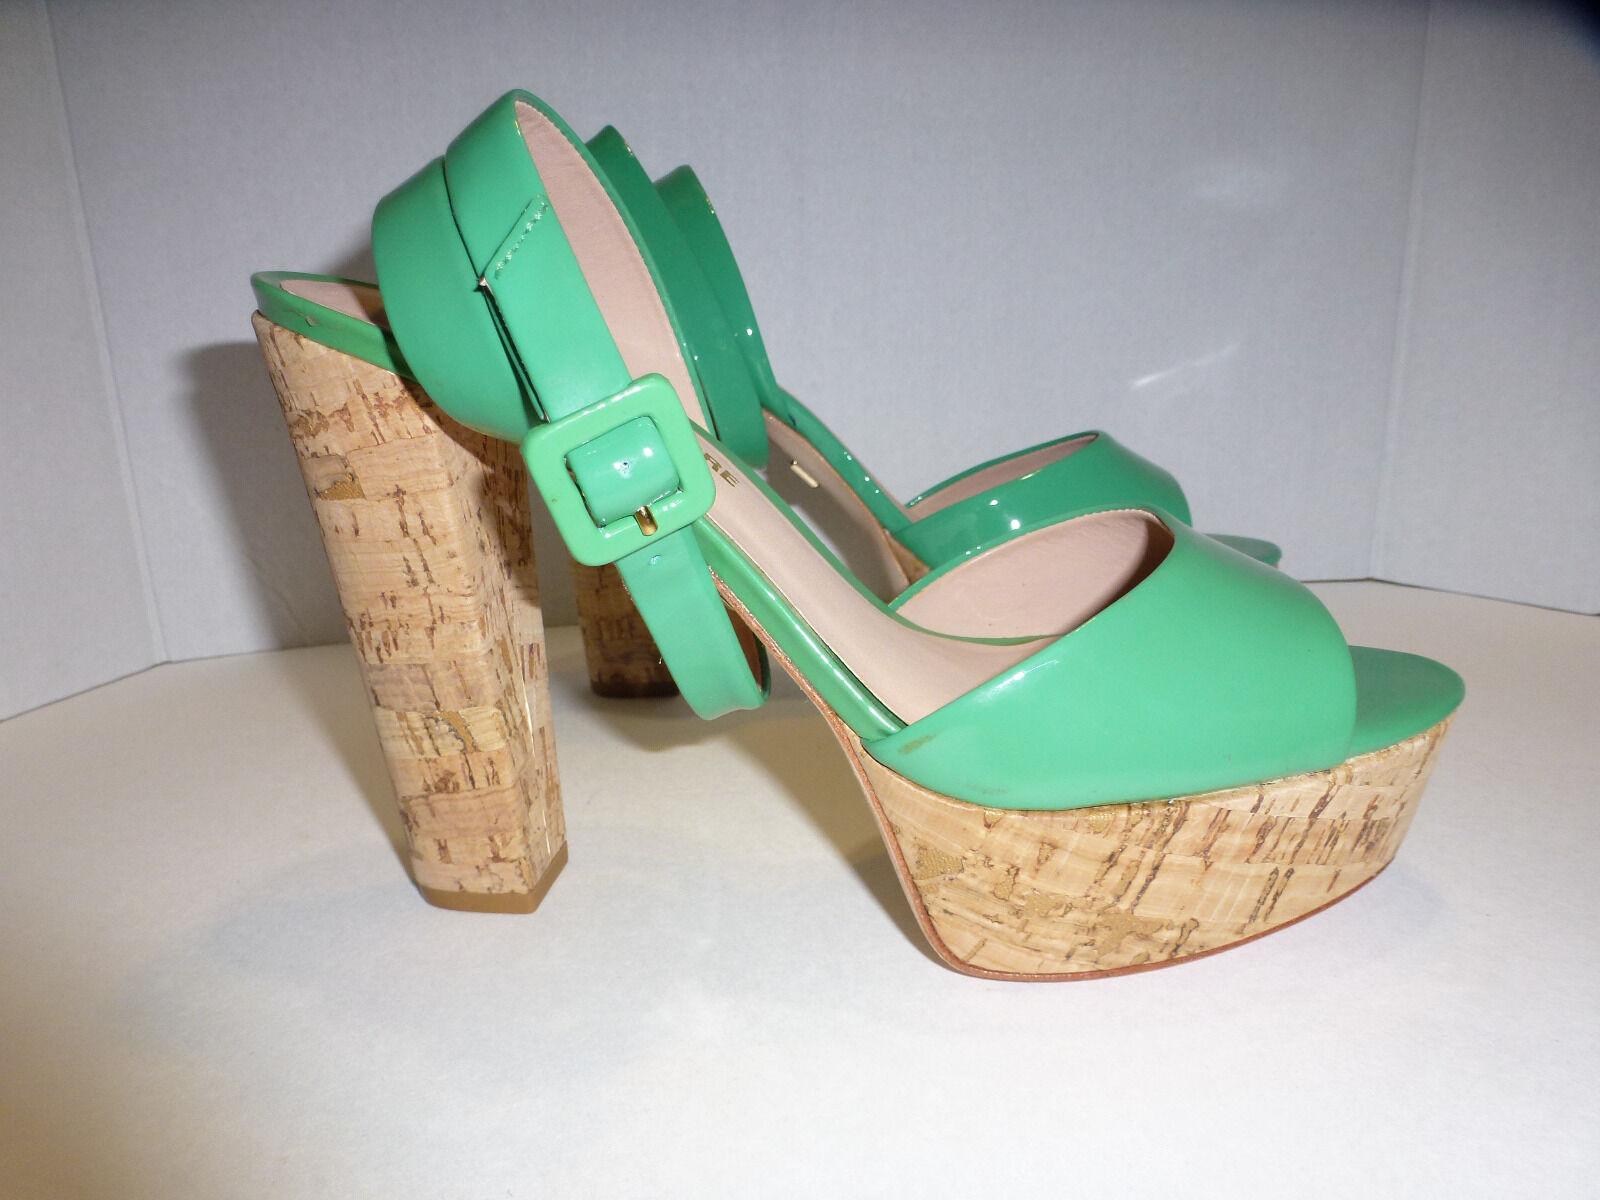 economico online Pour La Victoire Donna  heel Dimensione 8, 8, 8, Vero Cuoio, Cork Platform verde  vendendo bene in tutto il mondo